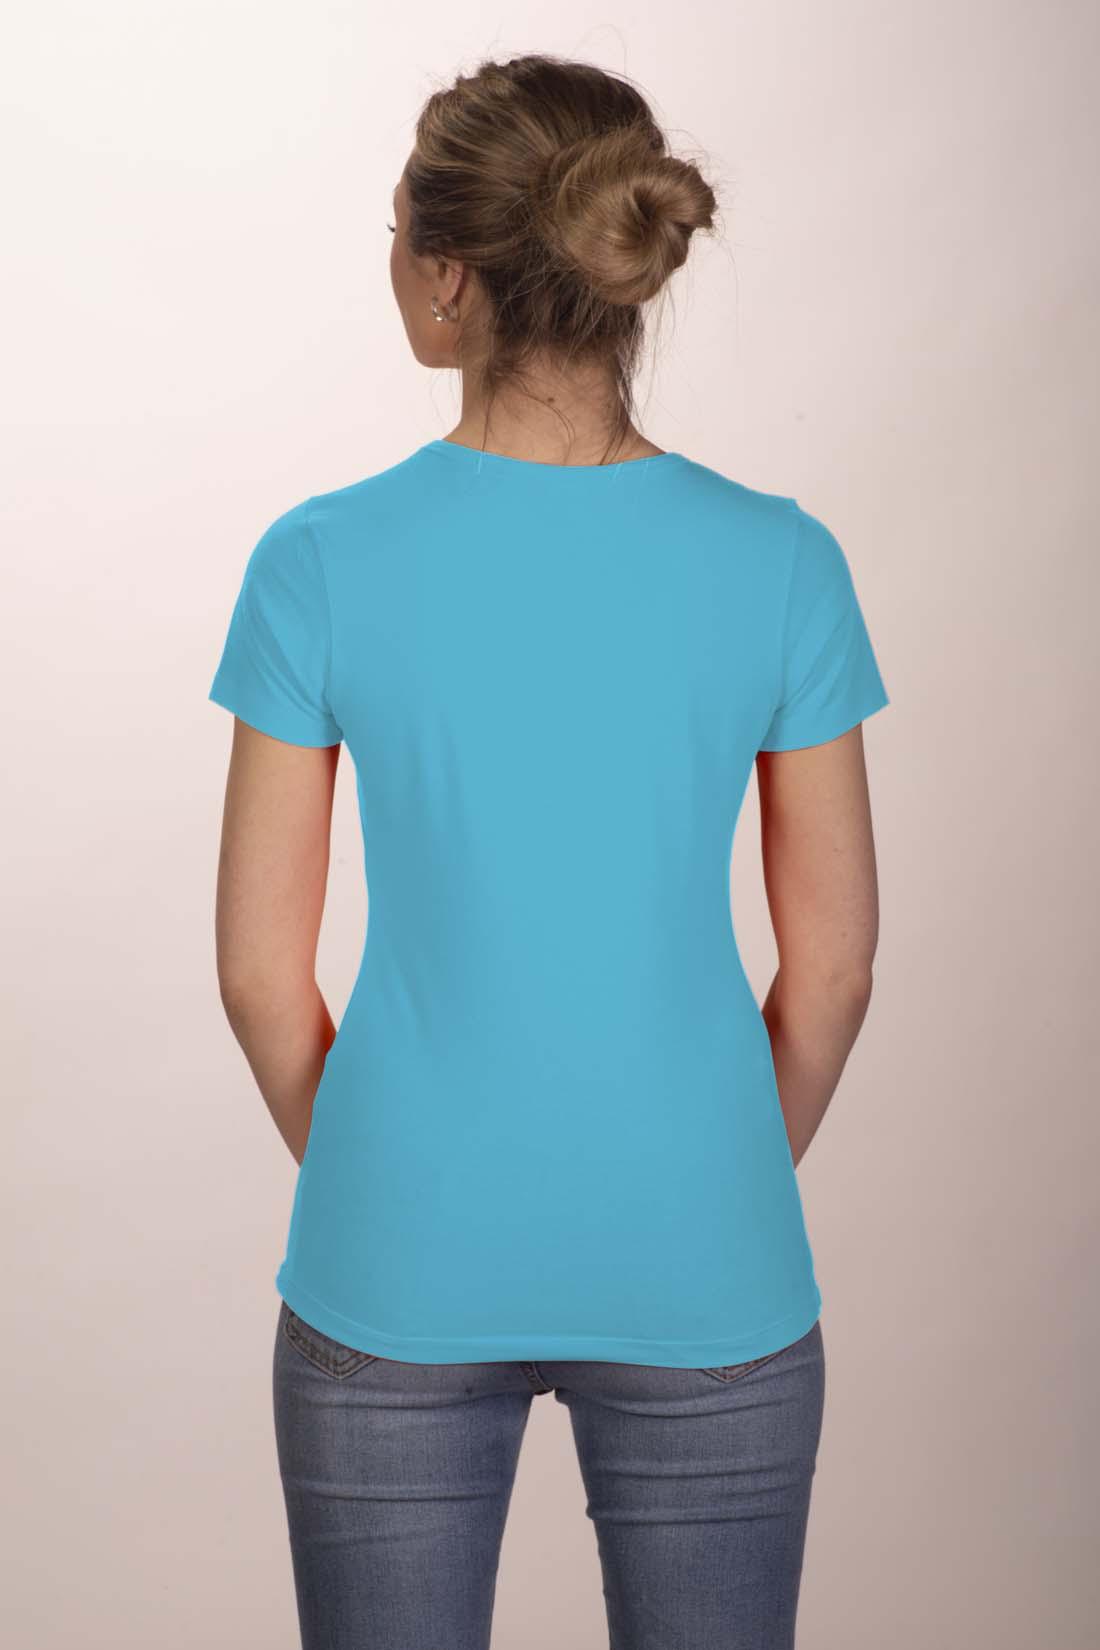 Футболка женская голубая (стрейч) 2